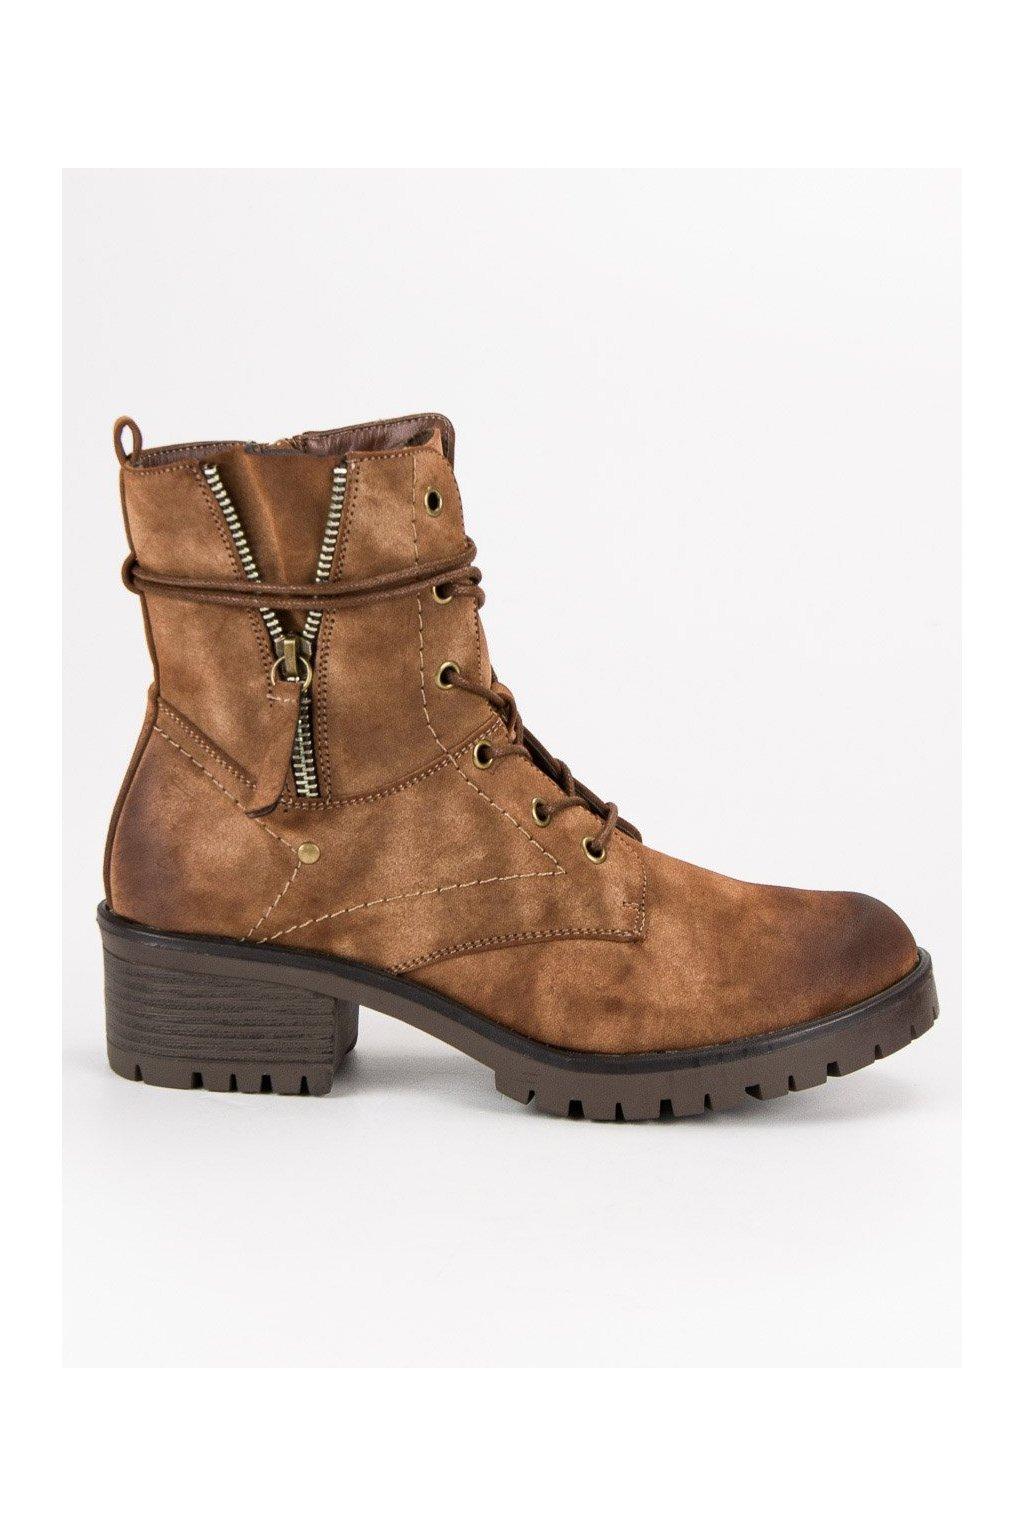 Dámske béžové workery vysoká obuv VINCEZA 41eec265599